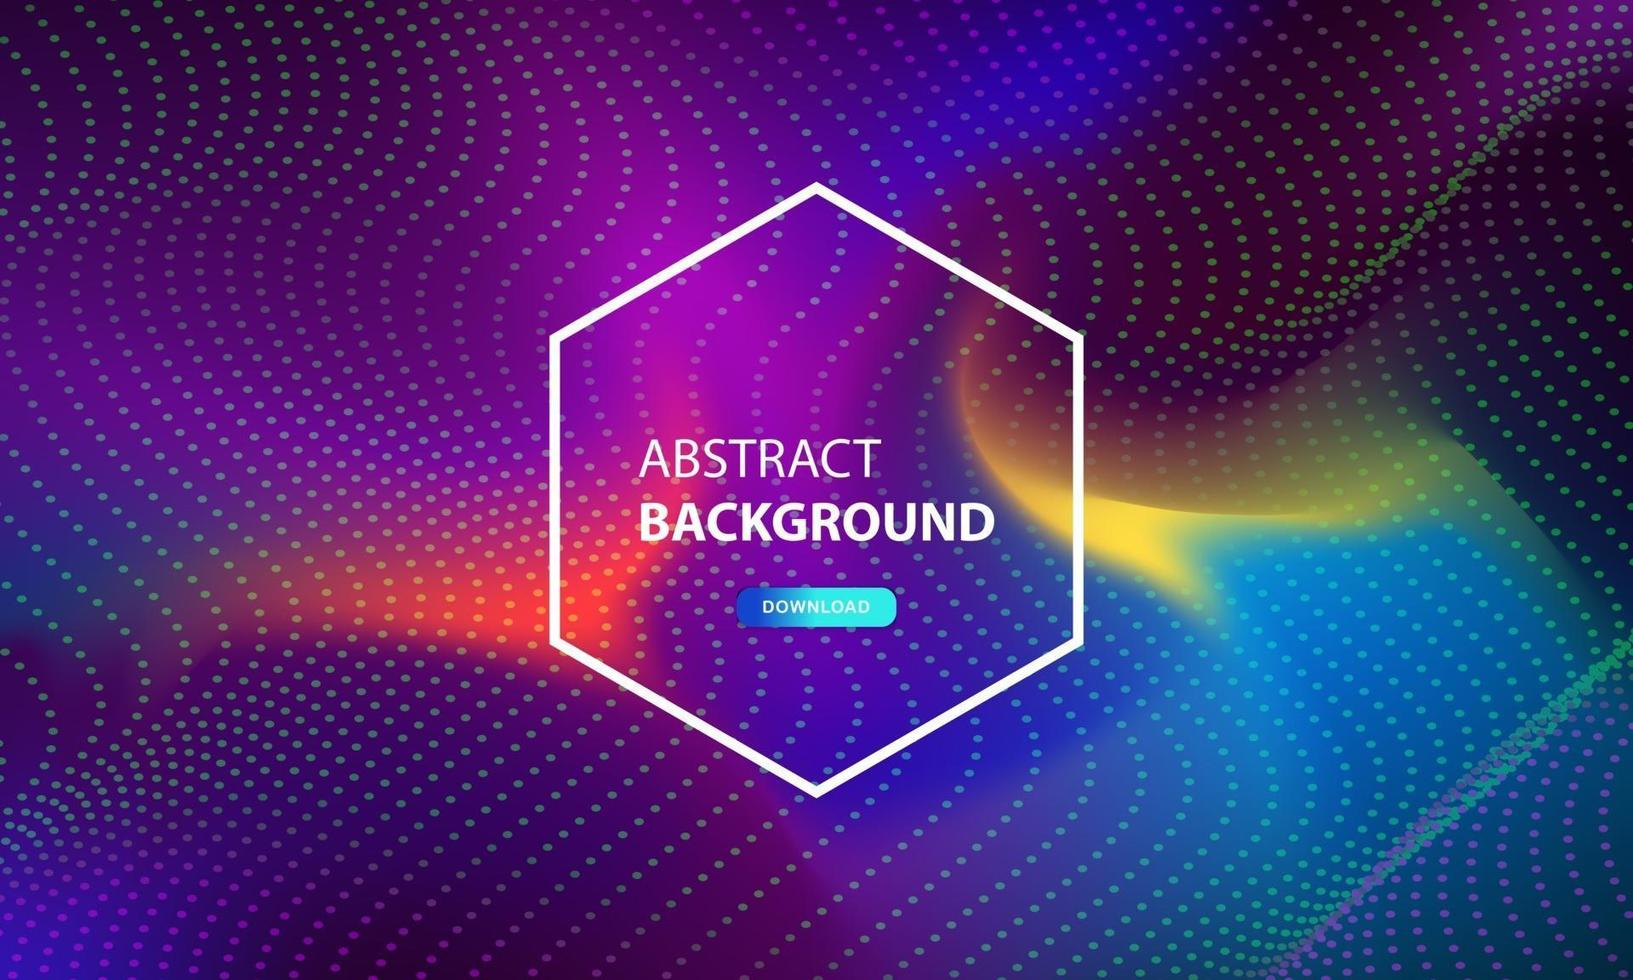 abstrakt partikelflödesbakgrund med prickkombination. dynamisk abstrakt flytande partiklar bakgrund. vektor